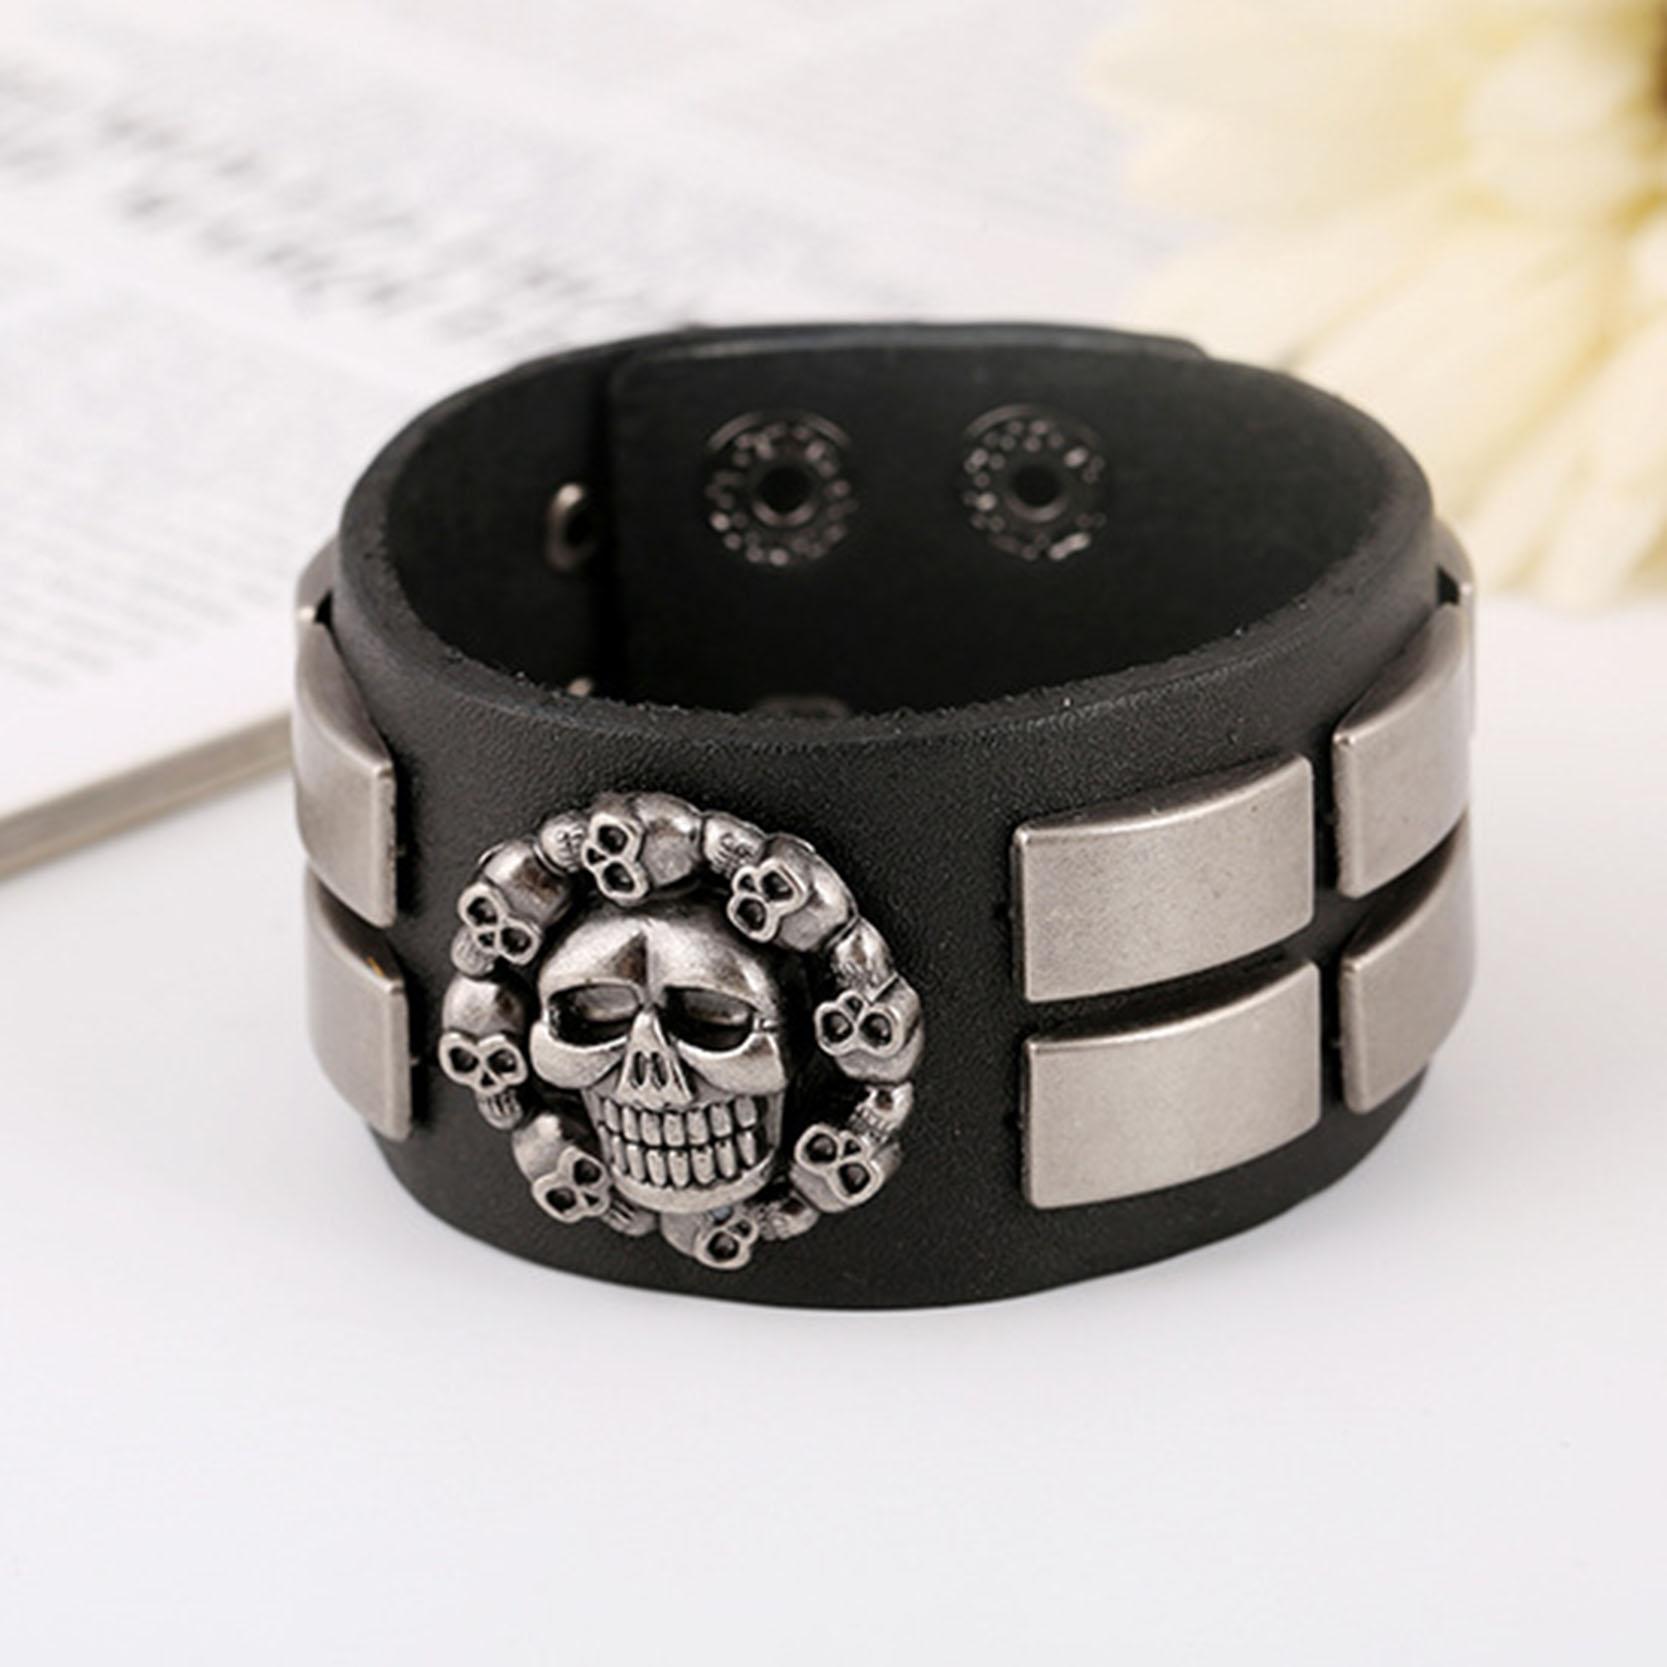 Потрясающий кожаный браслет на кнопке с крутыми вставками из металла купить. Цена 280 грн